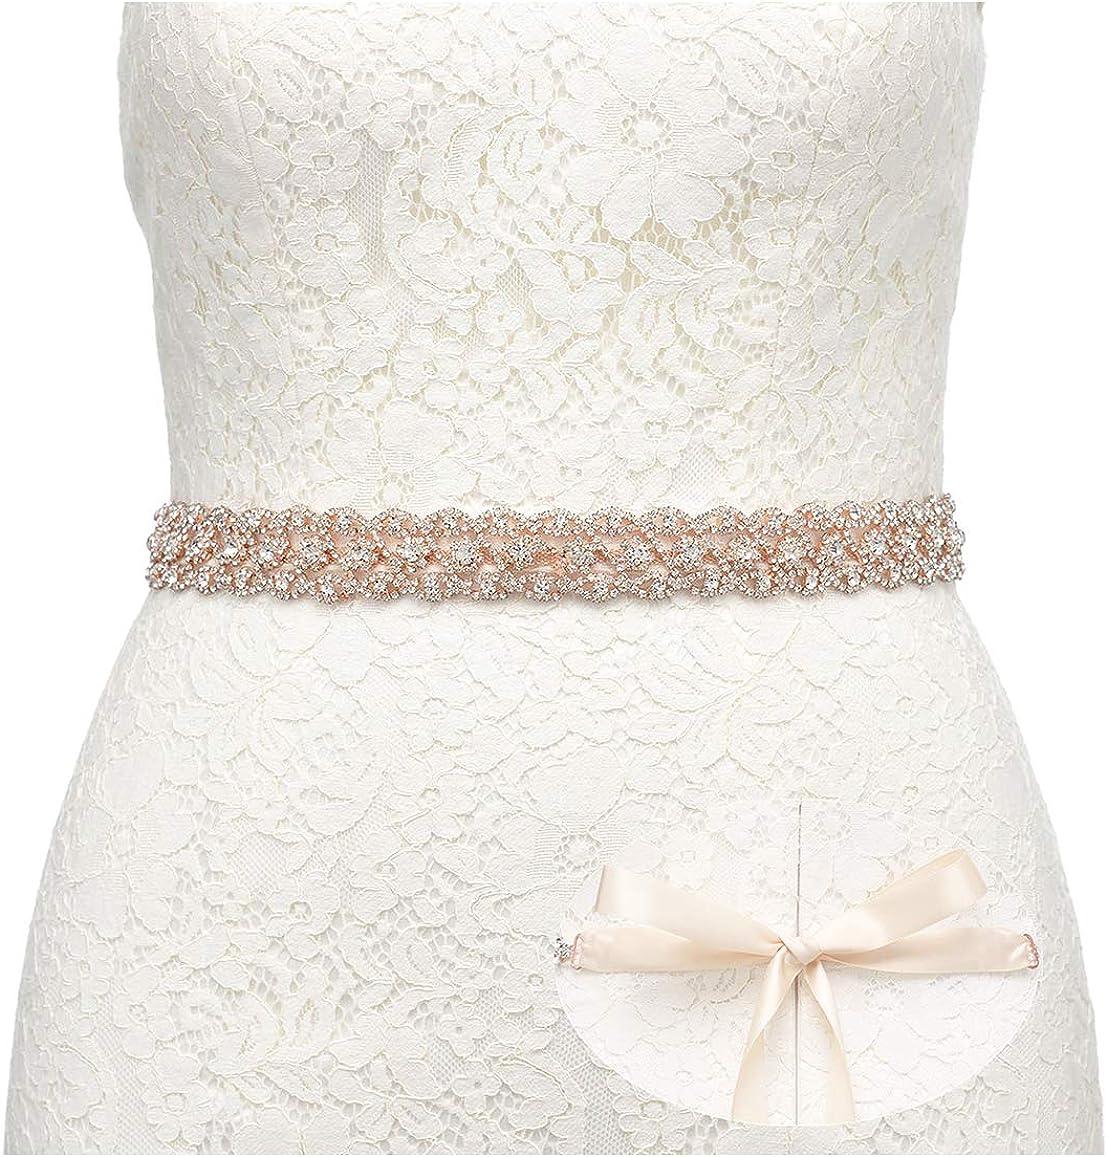 SWEETV Boda Vestido Faja Cintura Cinturón Cinta de Raso de Brillantes Diamantes de Imitación de Novia para Mujer